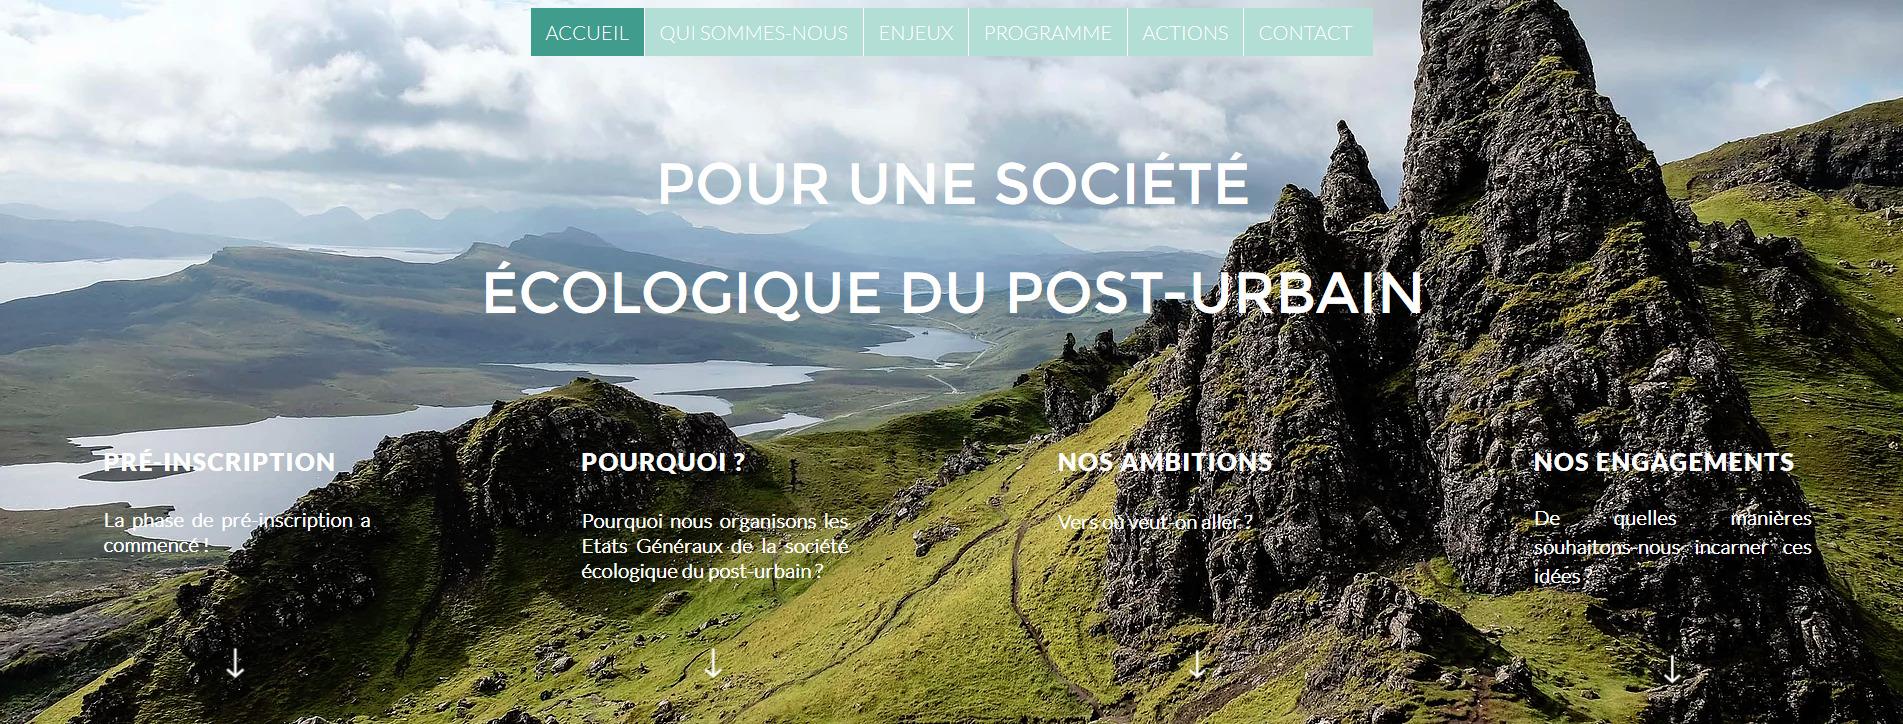 Société écologique post-urbaine: États généraux dans le Limousin du 1er au 3 octobre